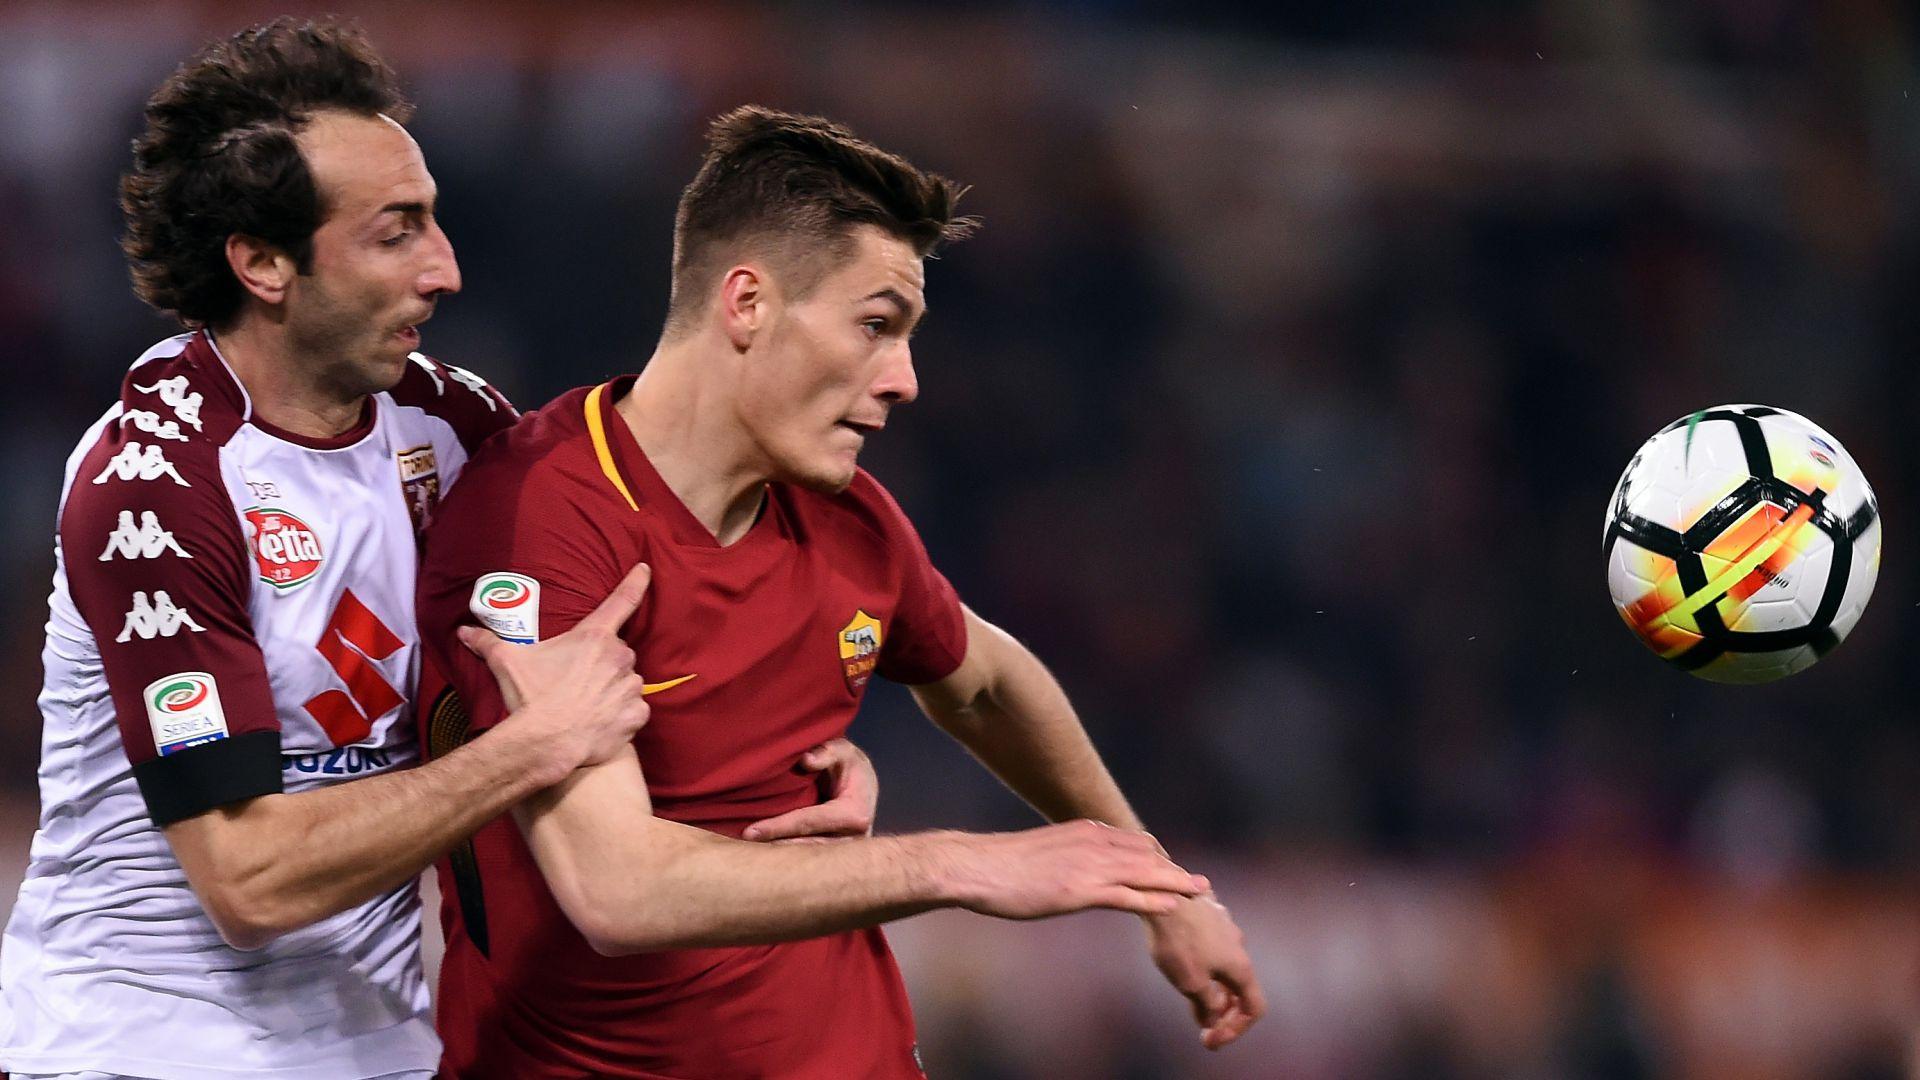 Roma-Torino, le formazioni ufficiali: Schick titolare, Baselli trequartista